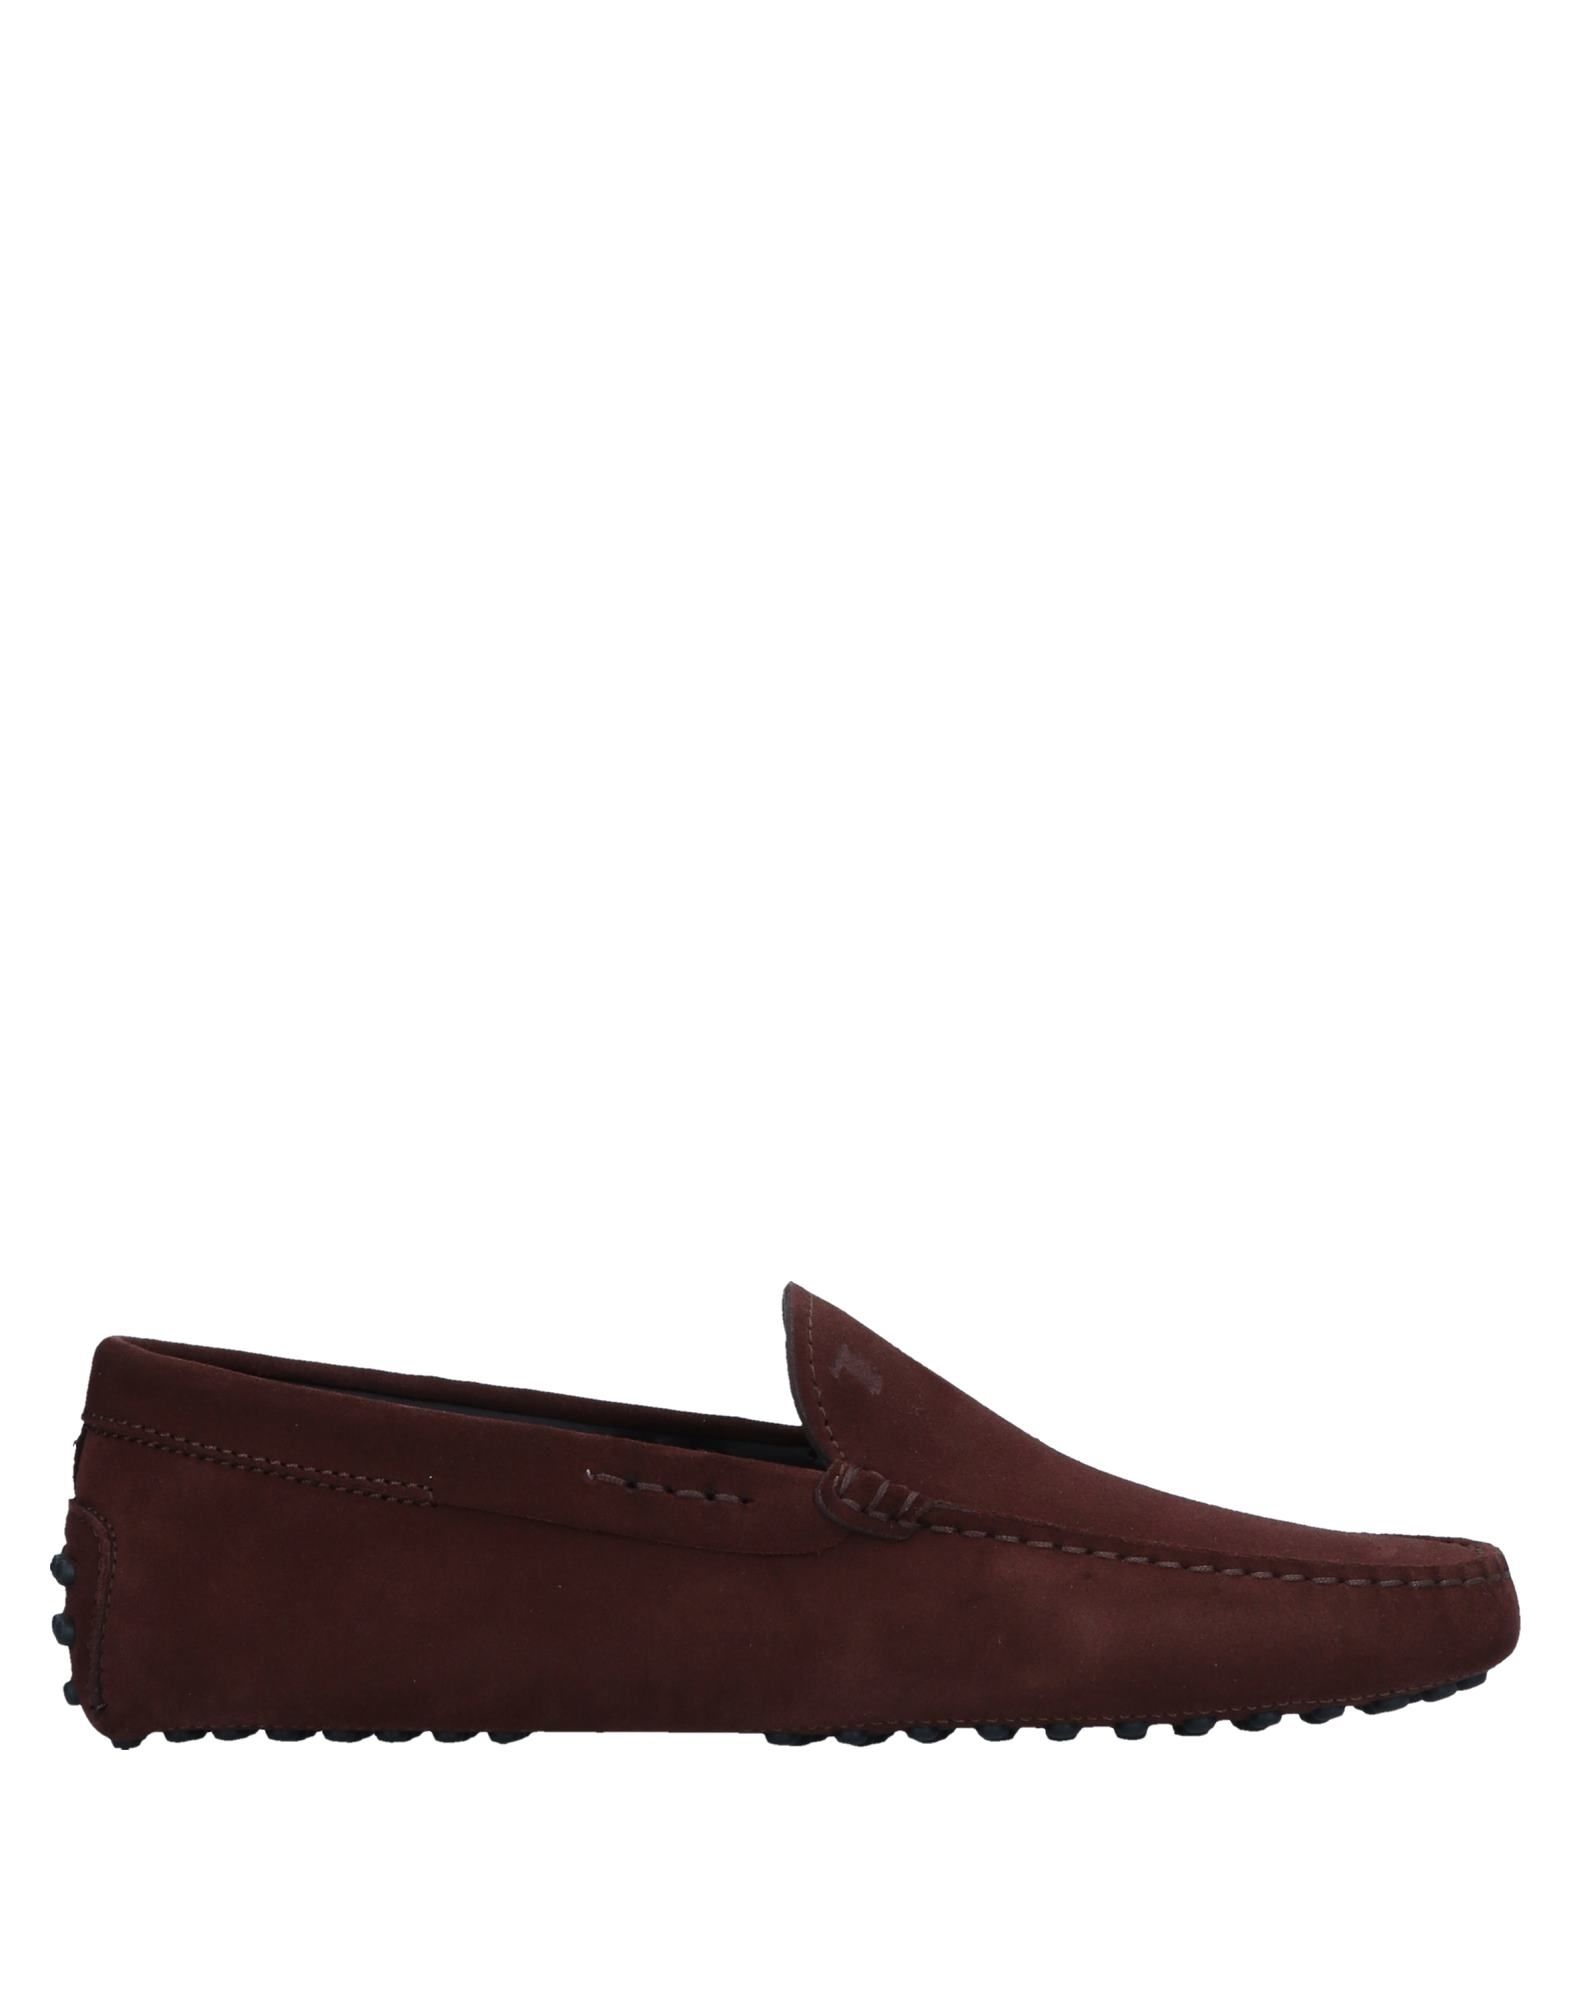 Tod's Mokassins Herren  11551980RM Gute Qualität beliebte Schuhe